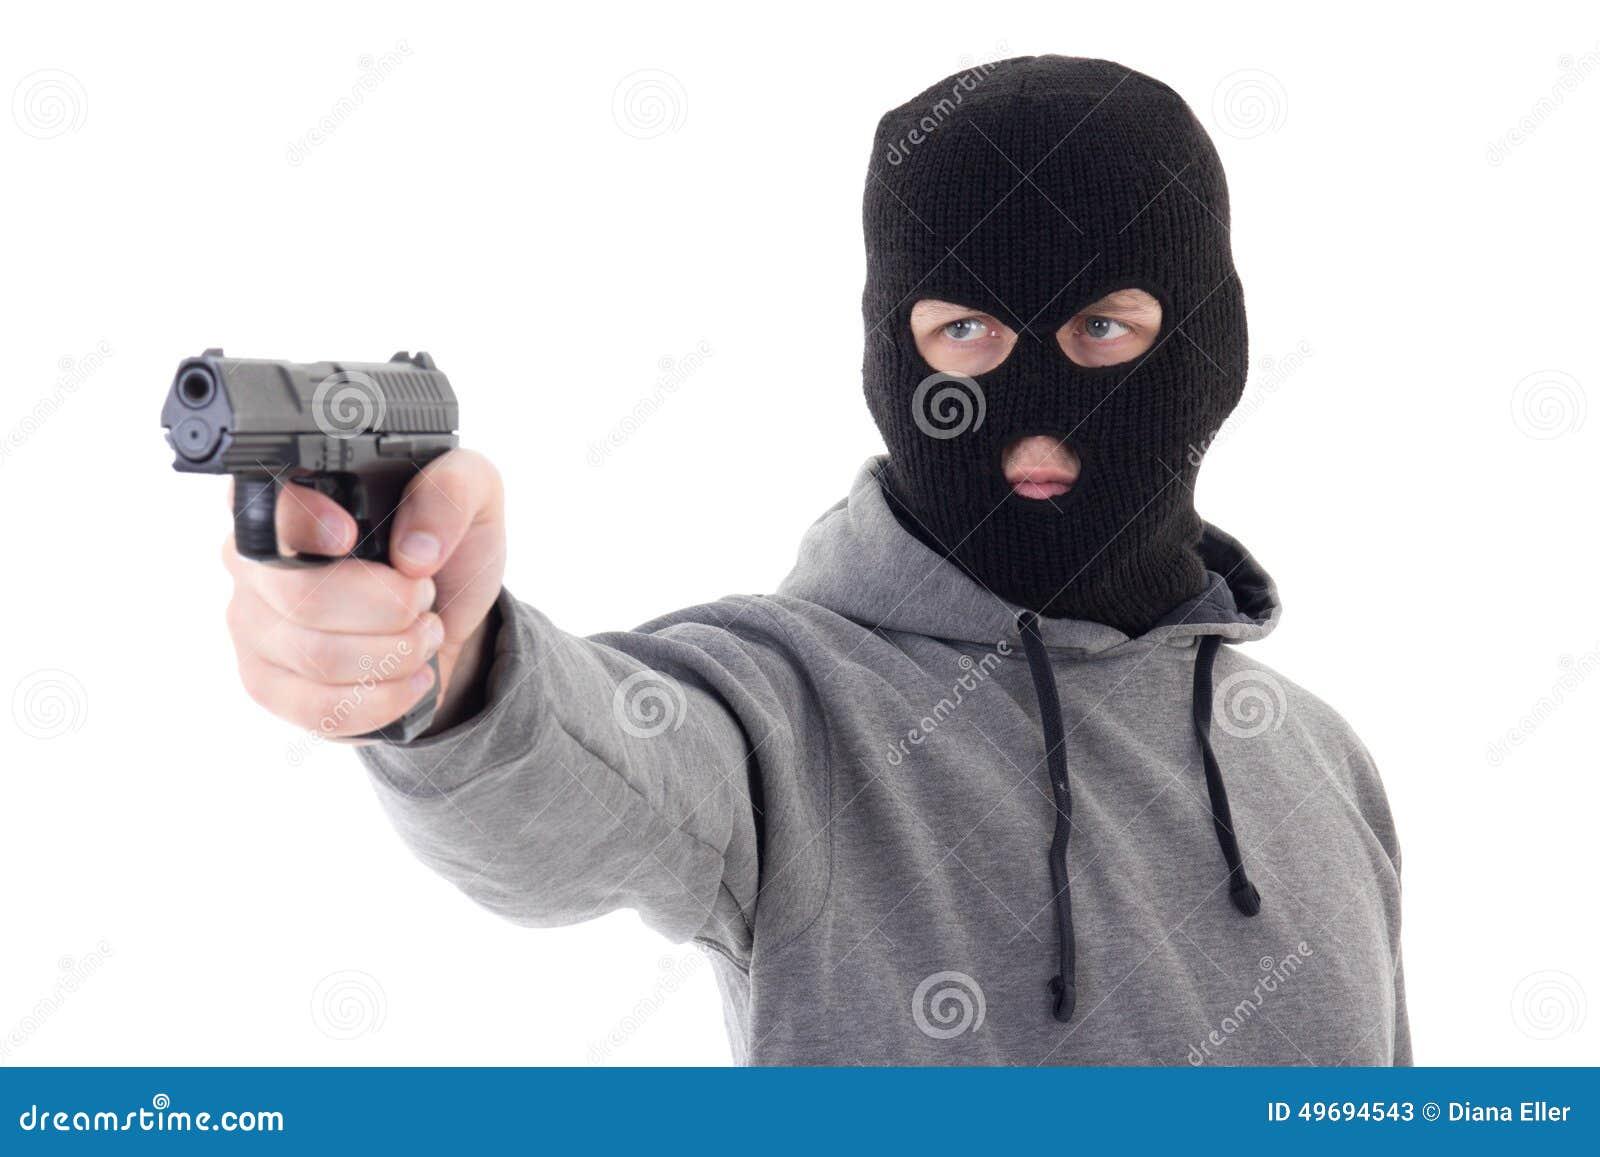 Einbrecher oder Terrorist in der Maske, die mit dem Gewehr lokalisiert auf Weiß zielt